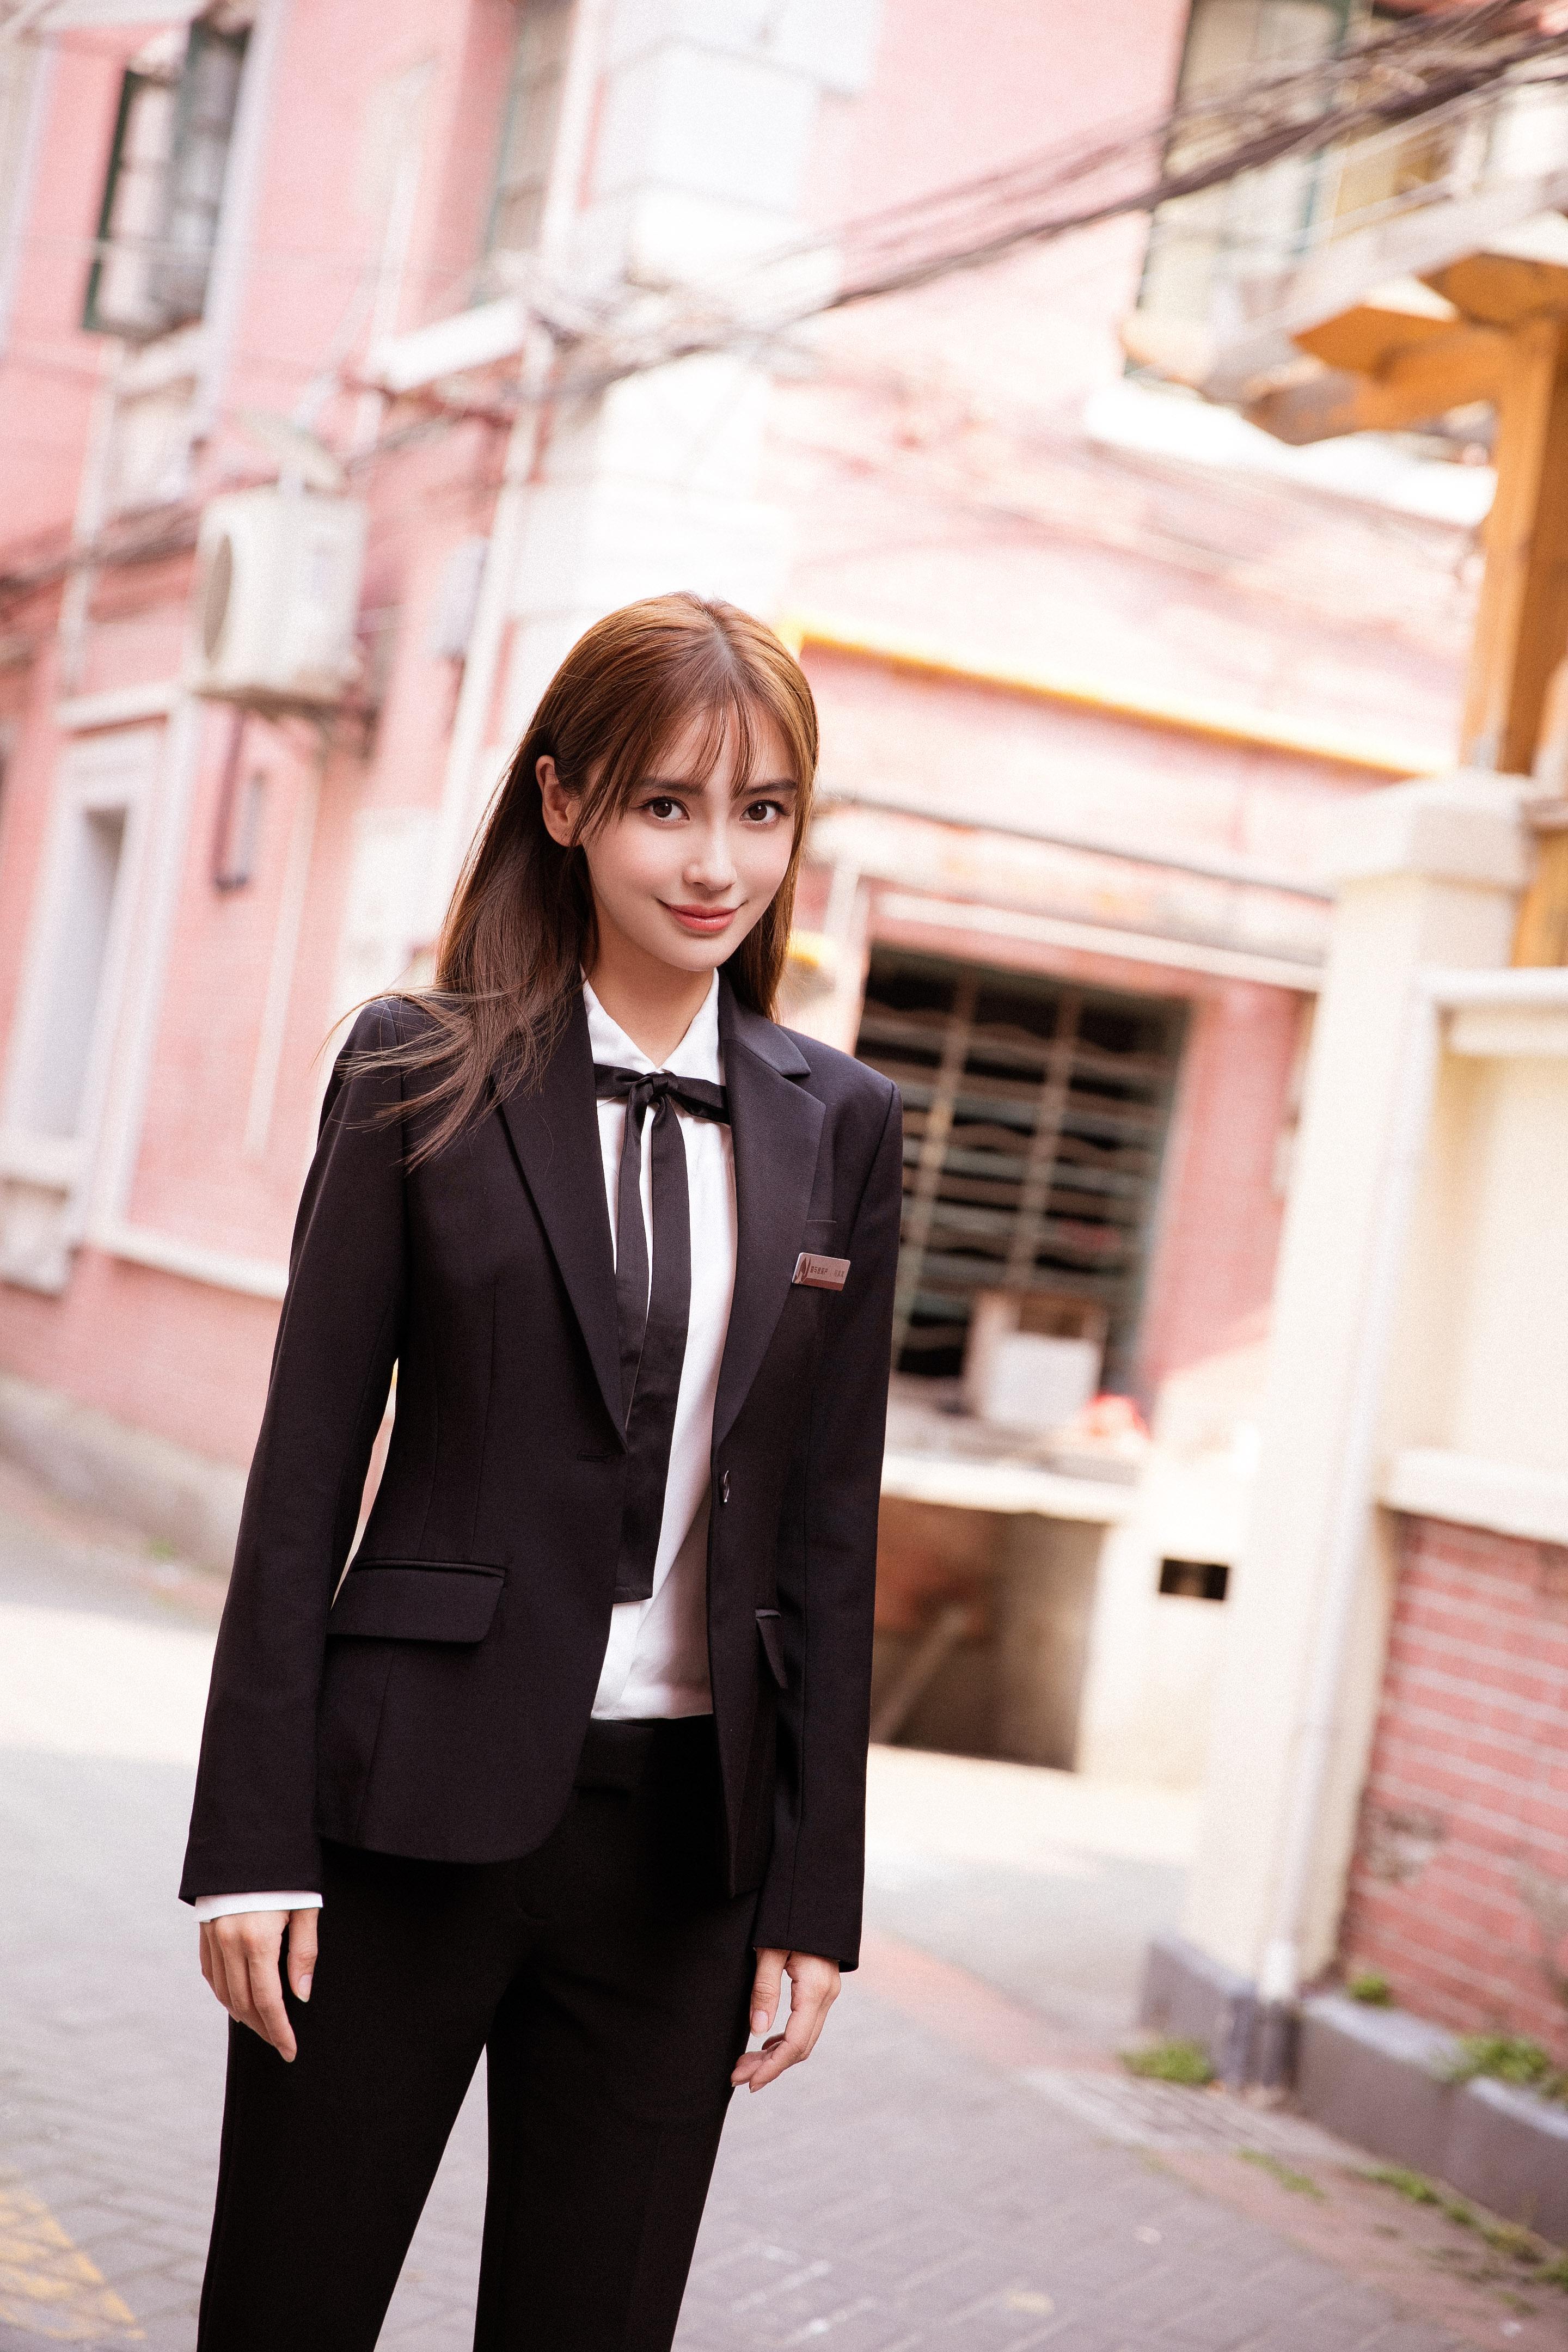 杨颖穿黑色西装剪空气刘海,意外撞脸沈梦辰,网友:到底图片